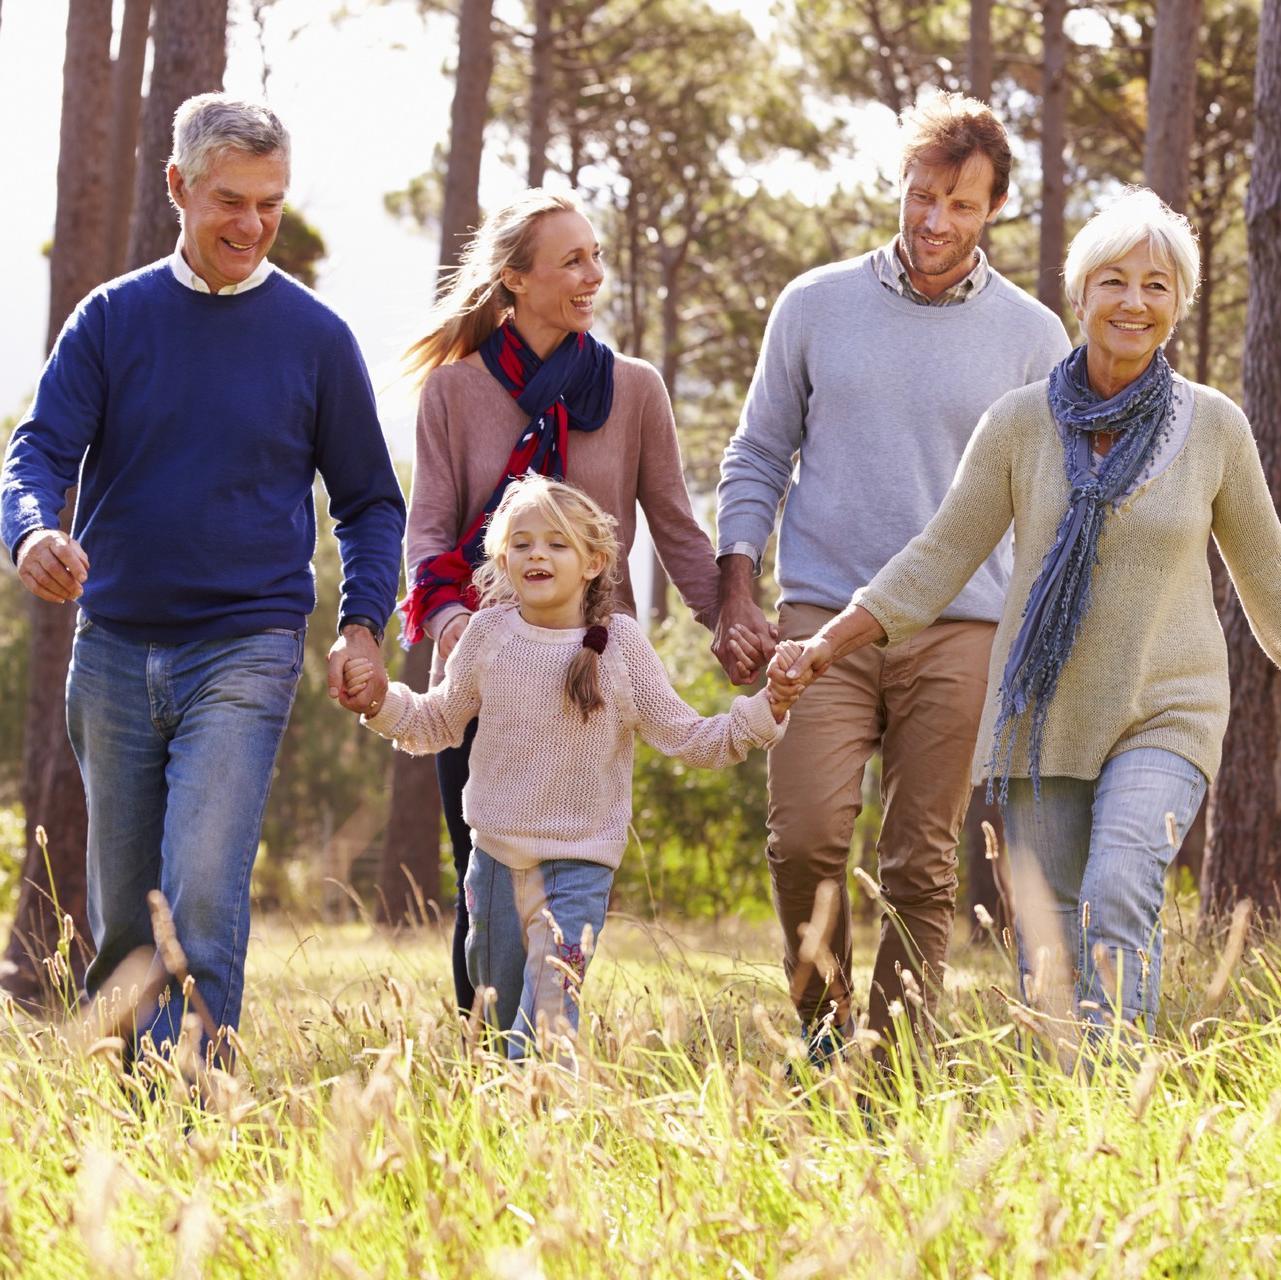 Préserver le lien social chez les seniors